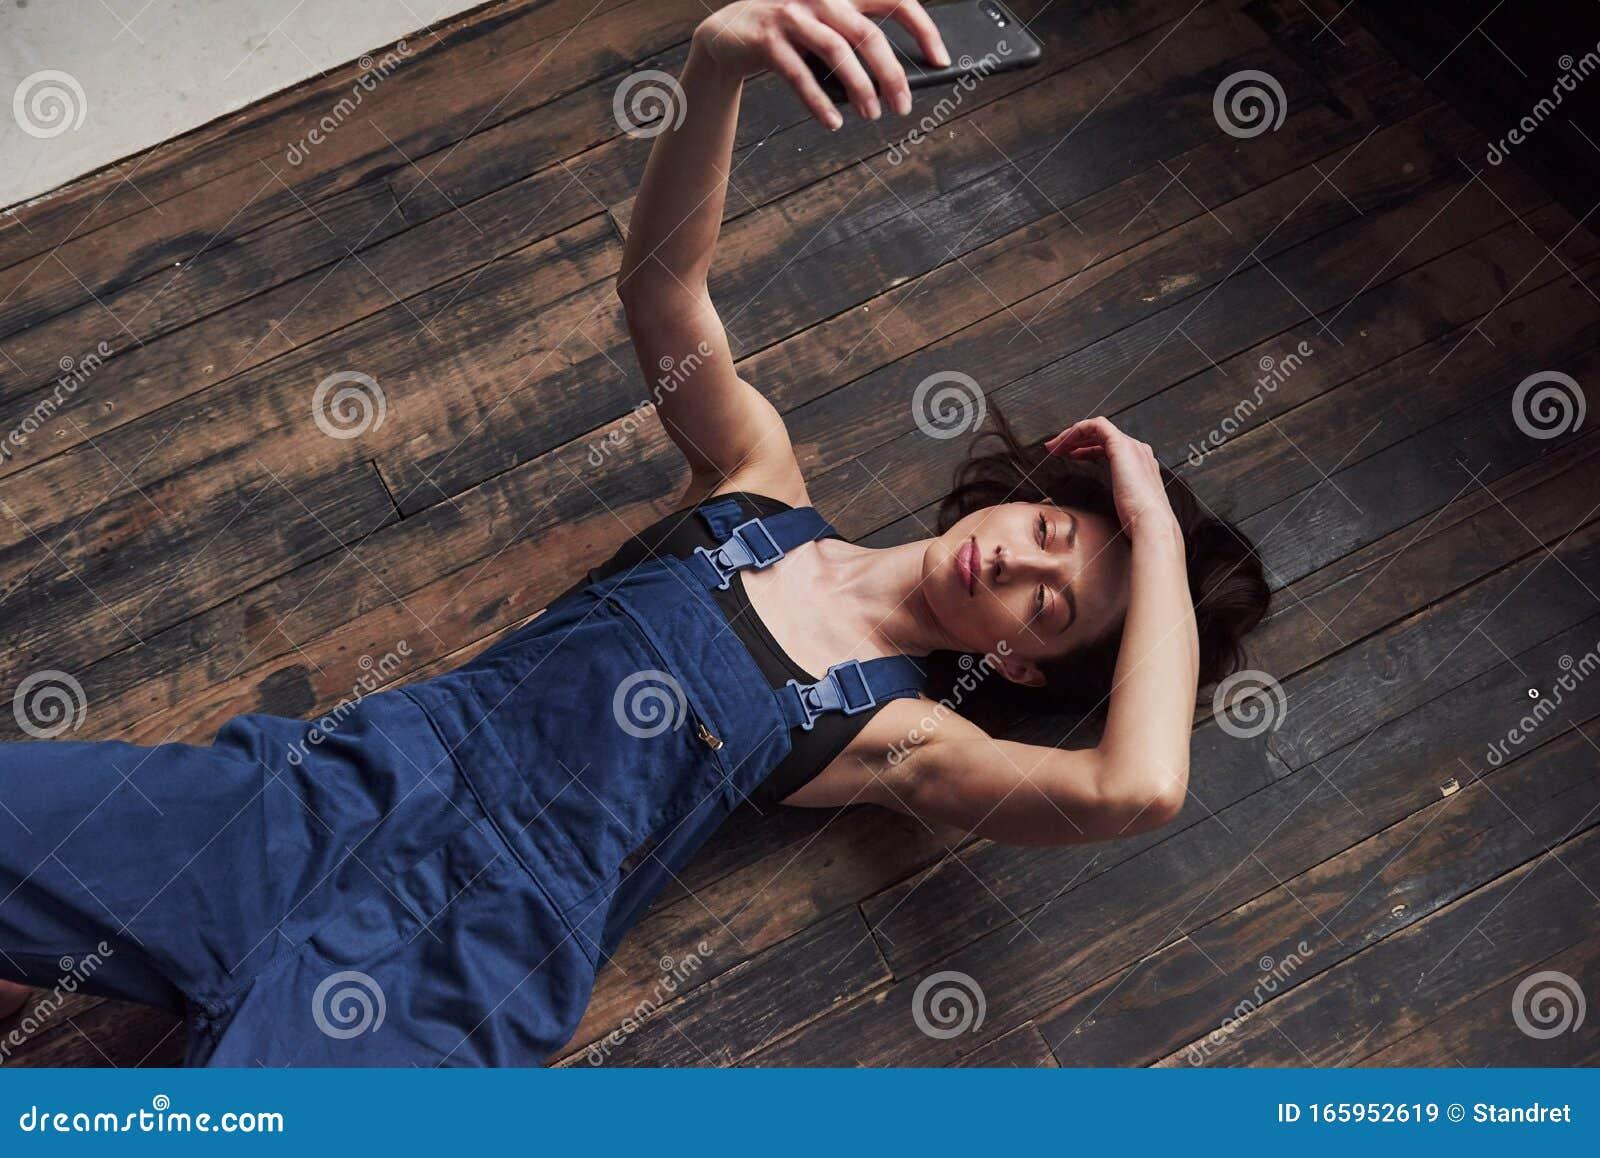 Девушка после работы расслабилась дарья миронова фото